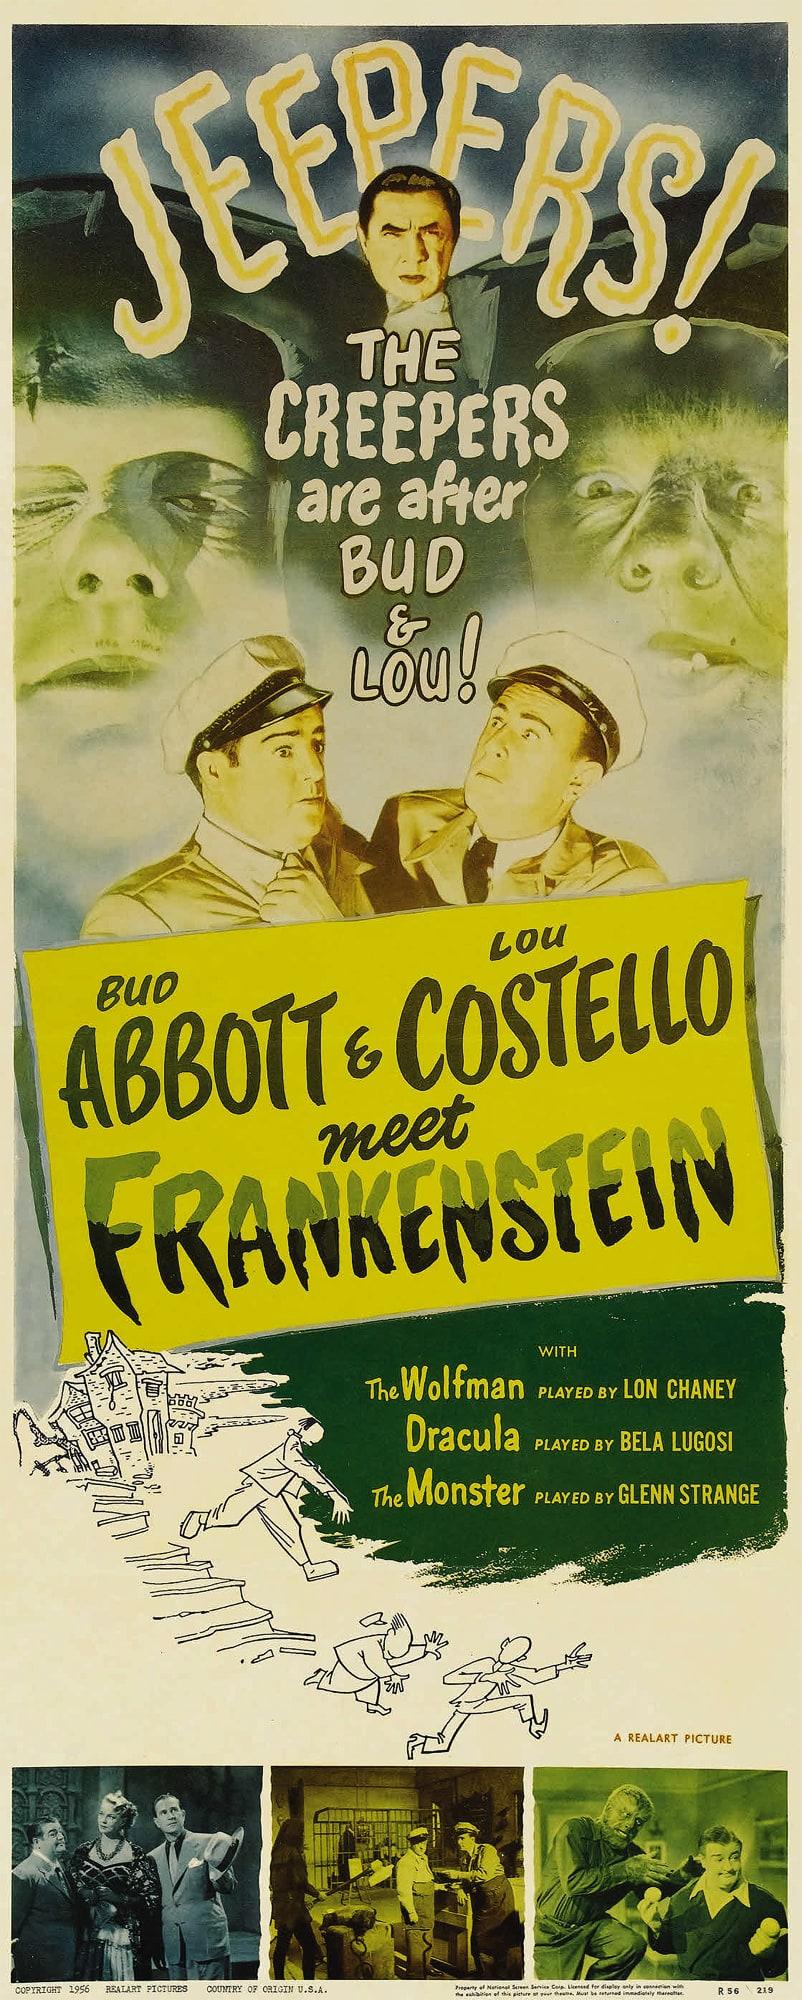 abbott and costello meet frankenstein full movie free